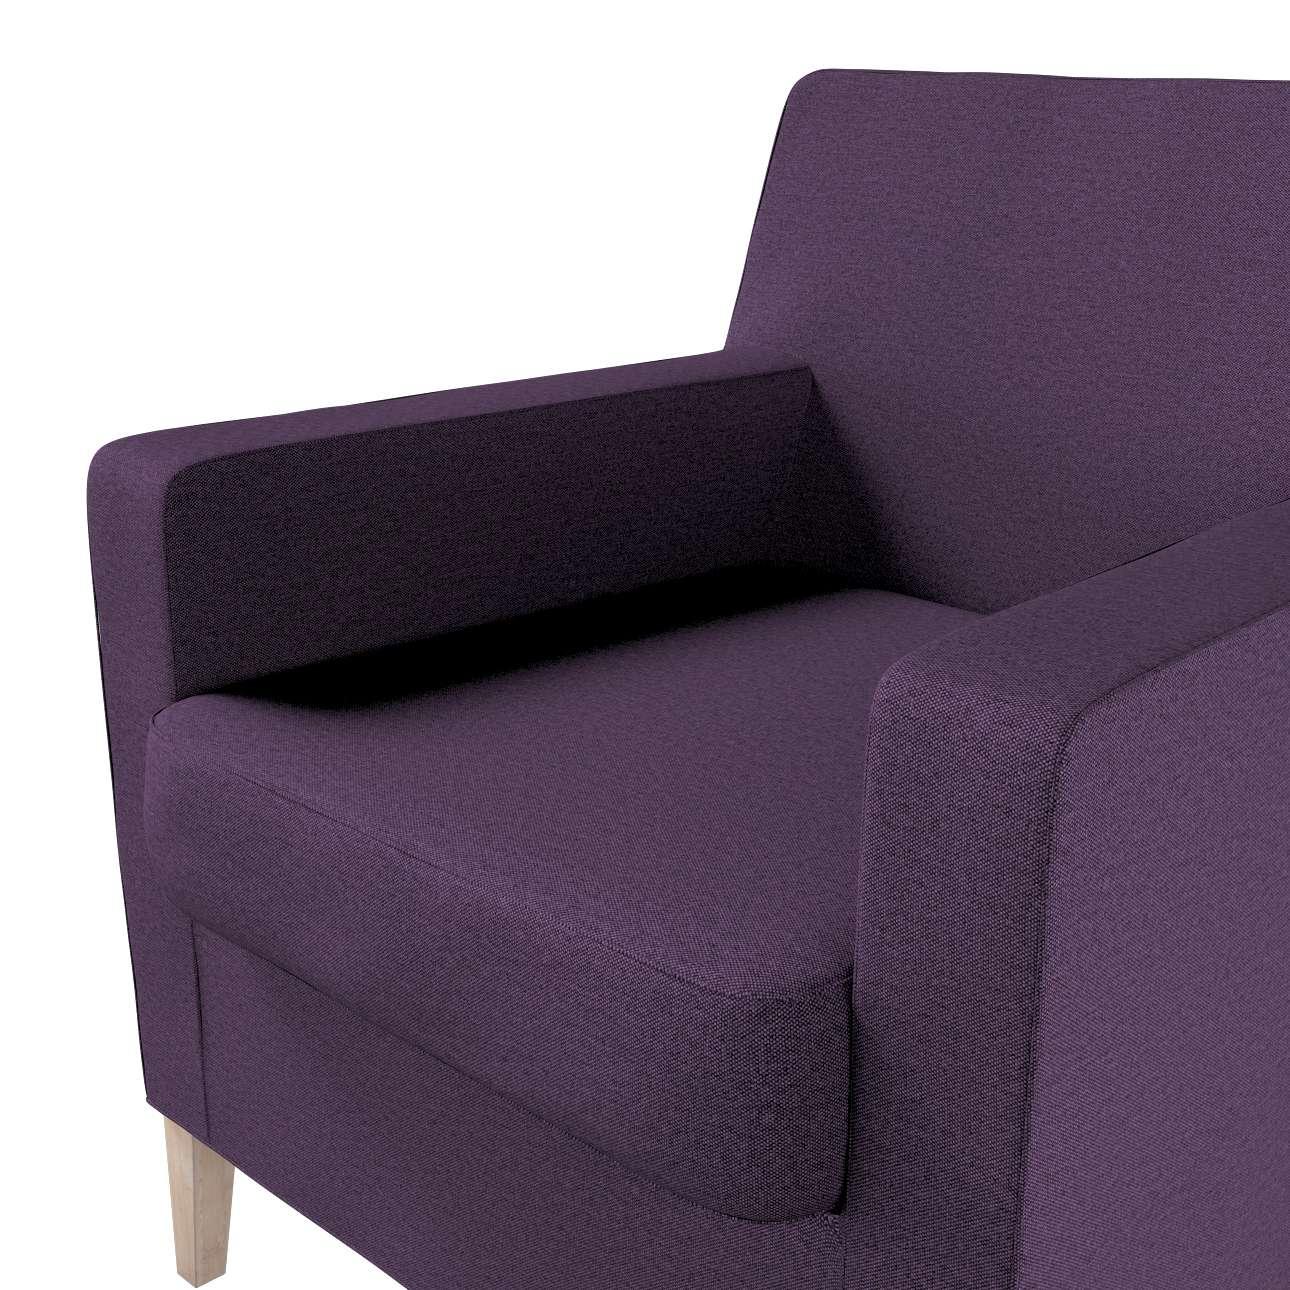 Pokrowiec na fotel Karlstad w kolekcji Etna, tkanina: 161-27